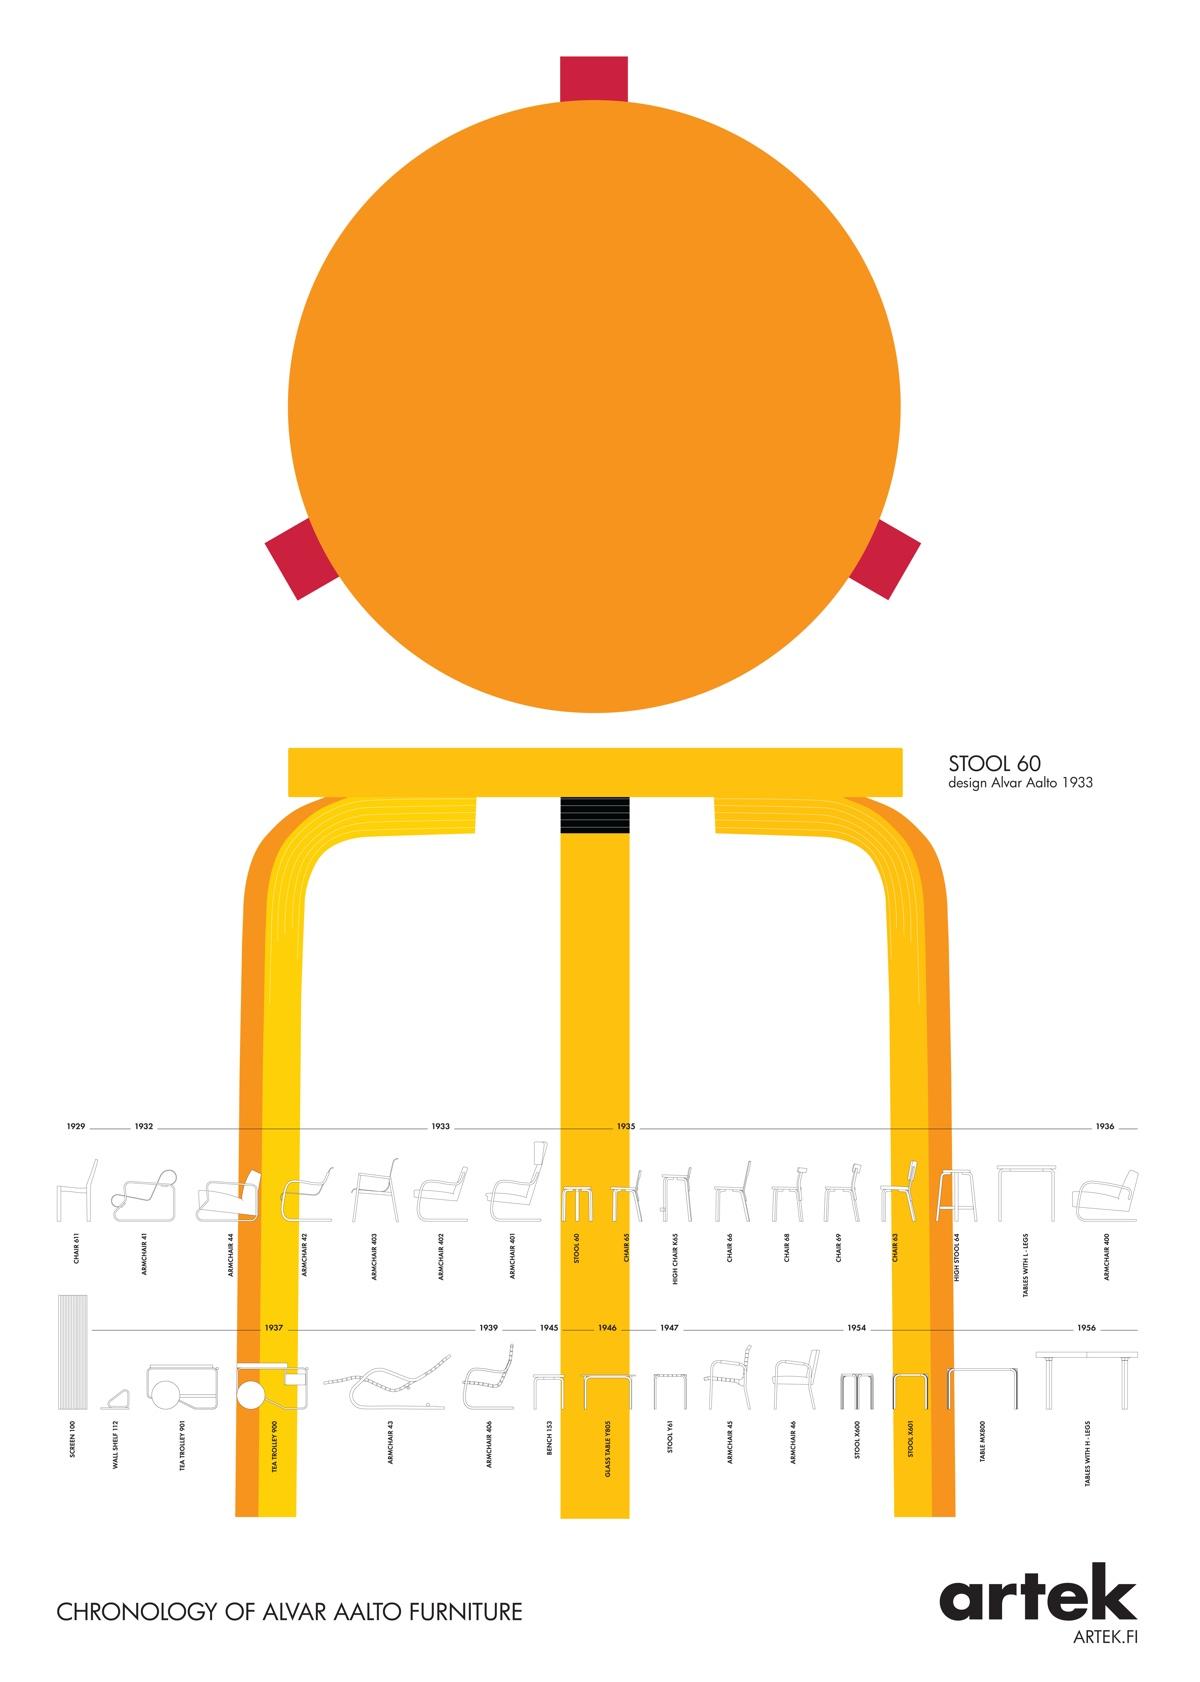 alvar aalto furniture. view in gallery artek stool 60 poster chronology of alvar aalto furniture